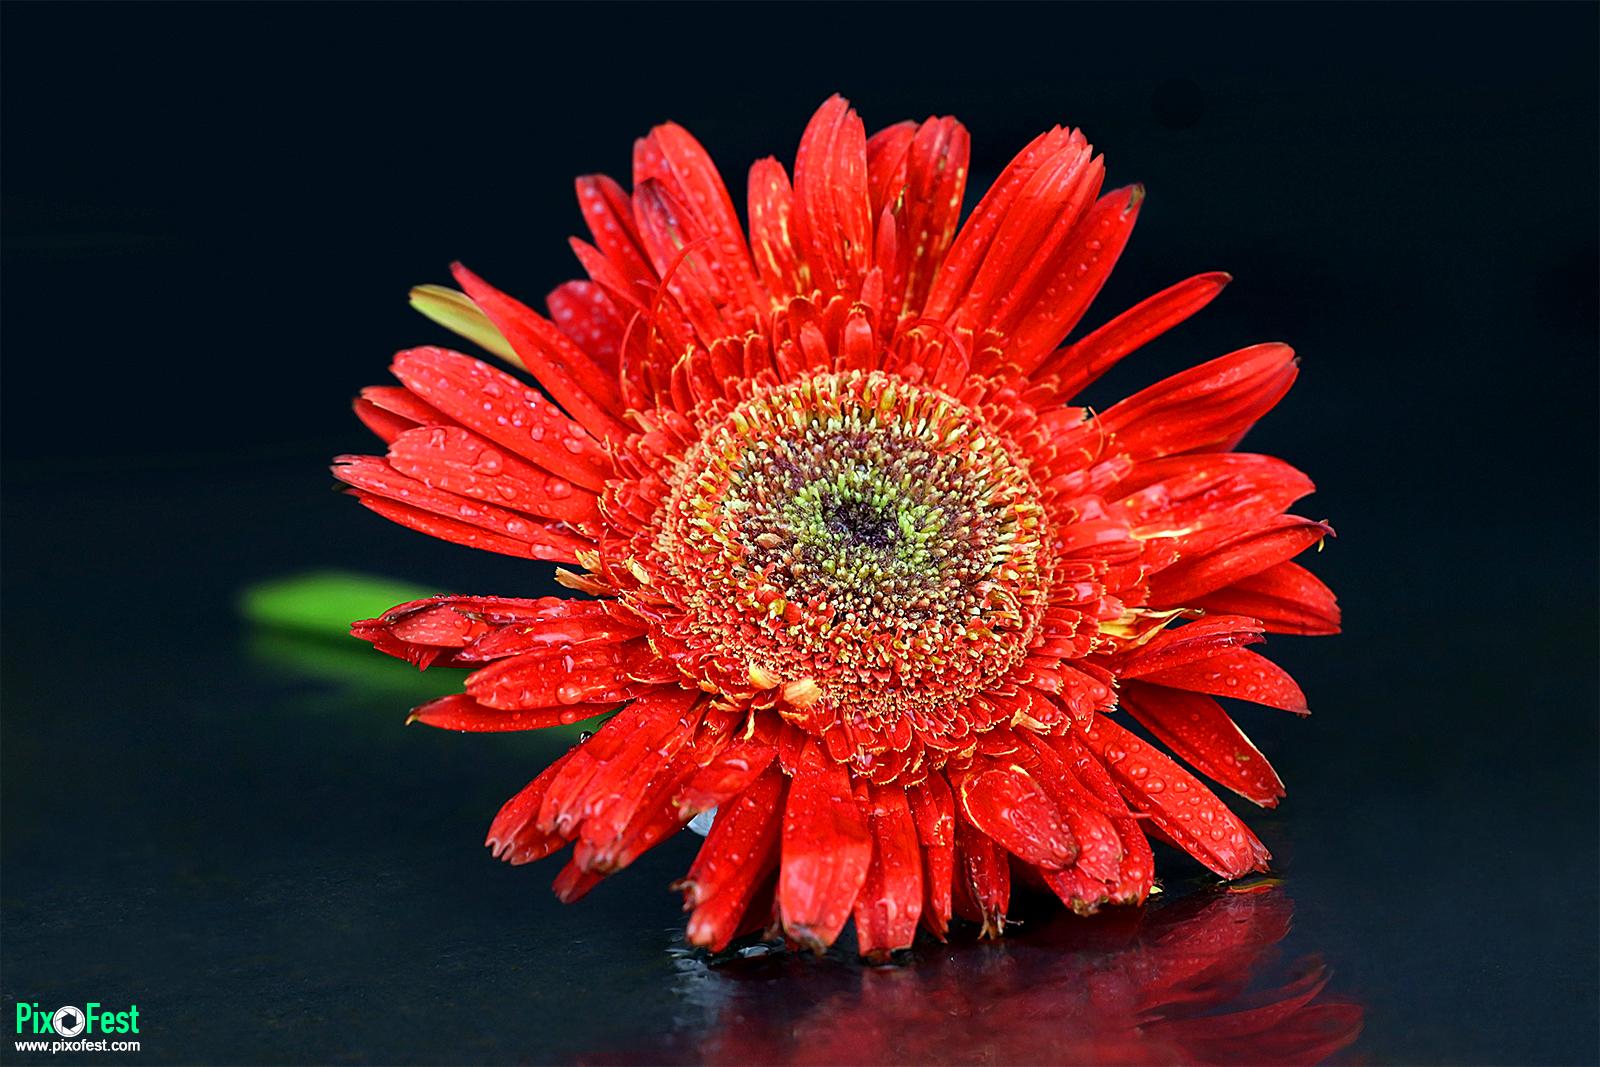 redsunflower,flowers,nature,flower,redsunflower,sunflowerseed,sunflowers,flowersphotography,photography,redsunflowerwithwater,redsunflowerwithwaterdrop,summer,pixofest